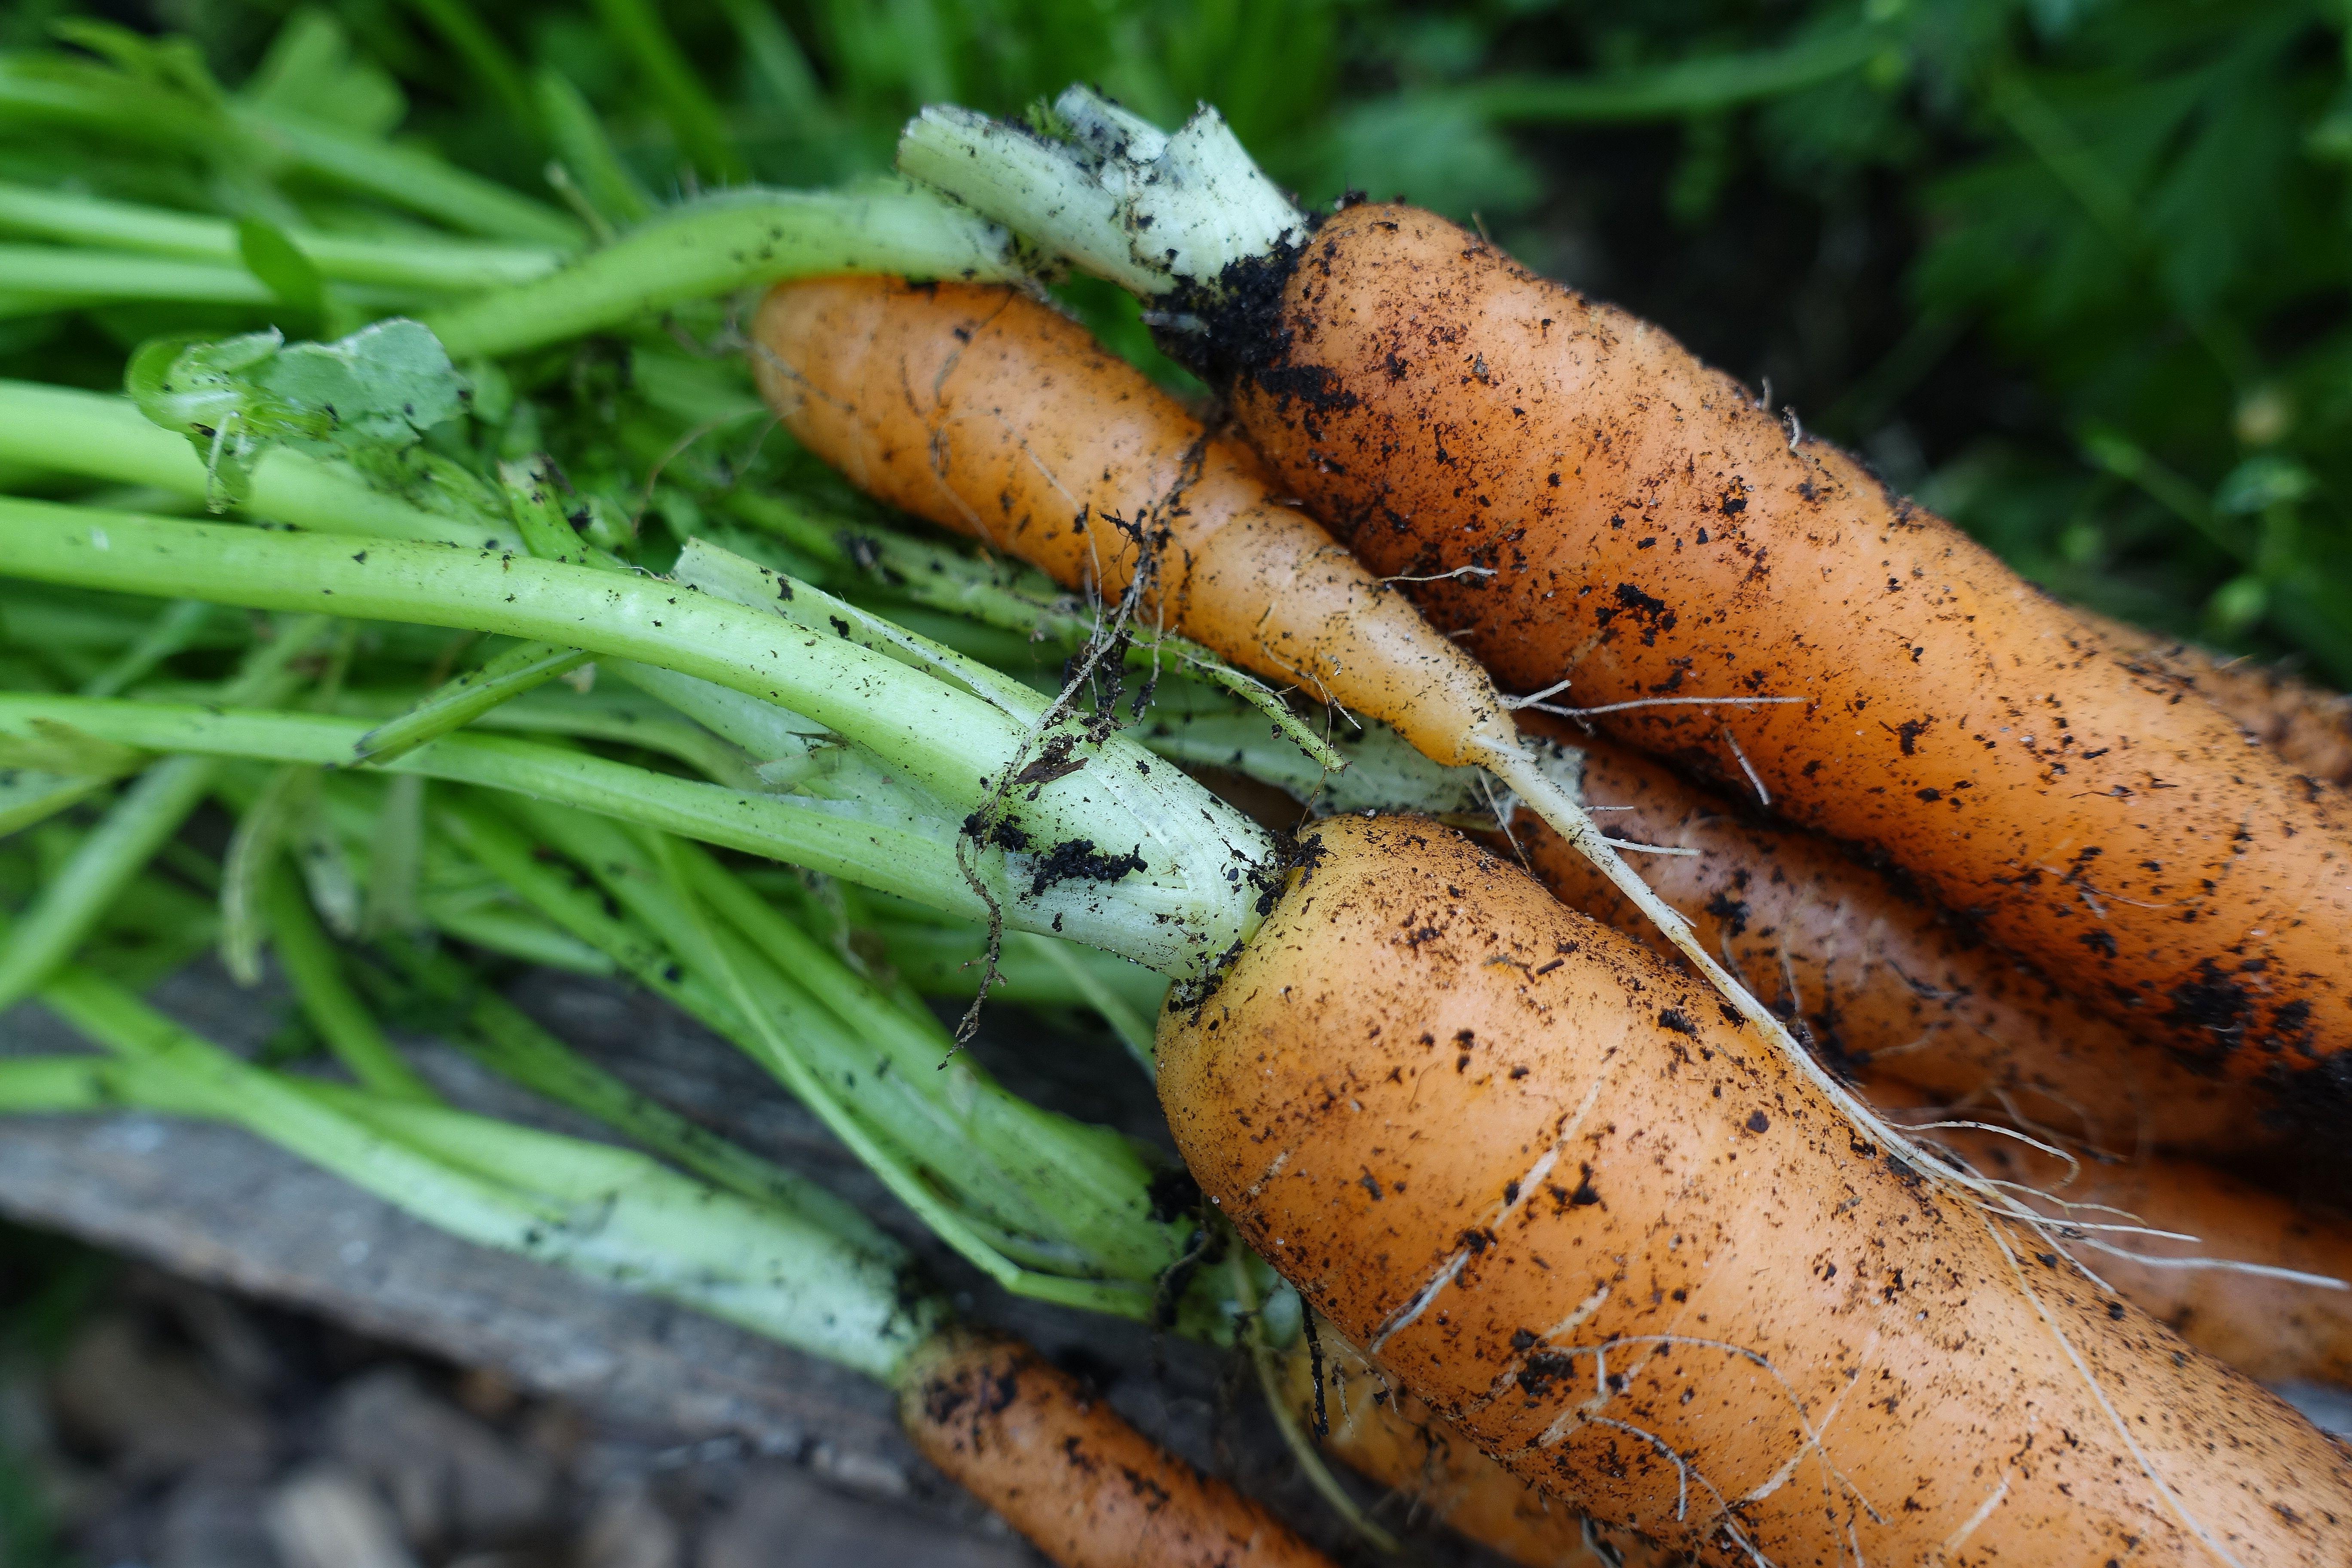 Närbild på ovandelen av en morot. Harvesting carrots, close-up of a carrot.